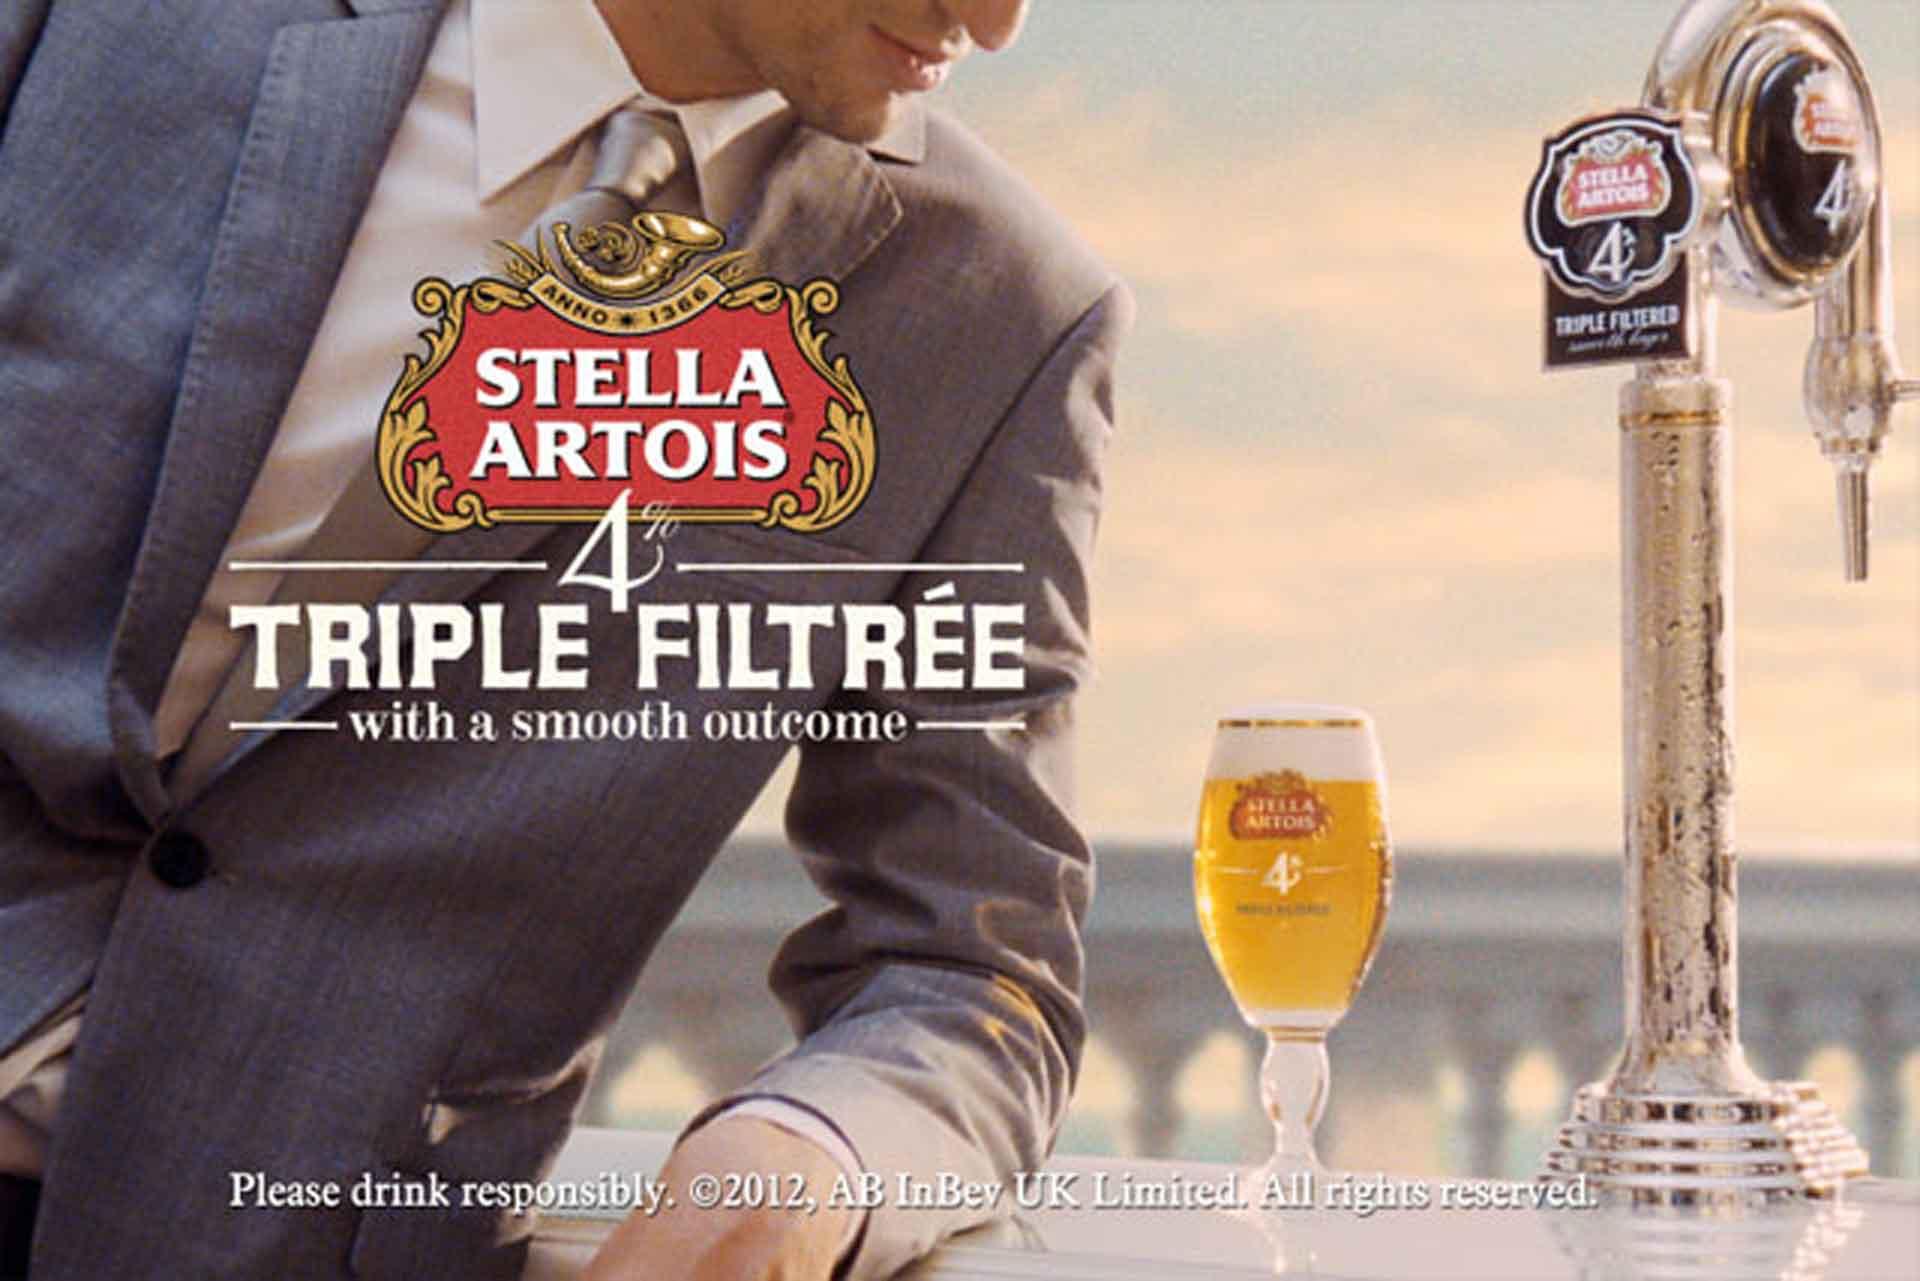 Stella Artois advertising